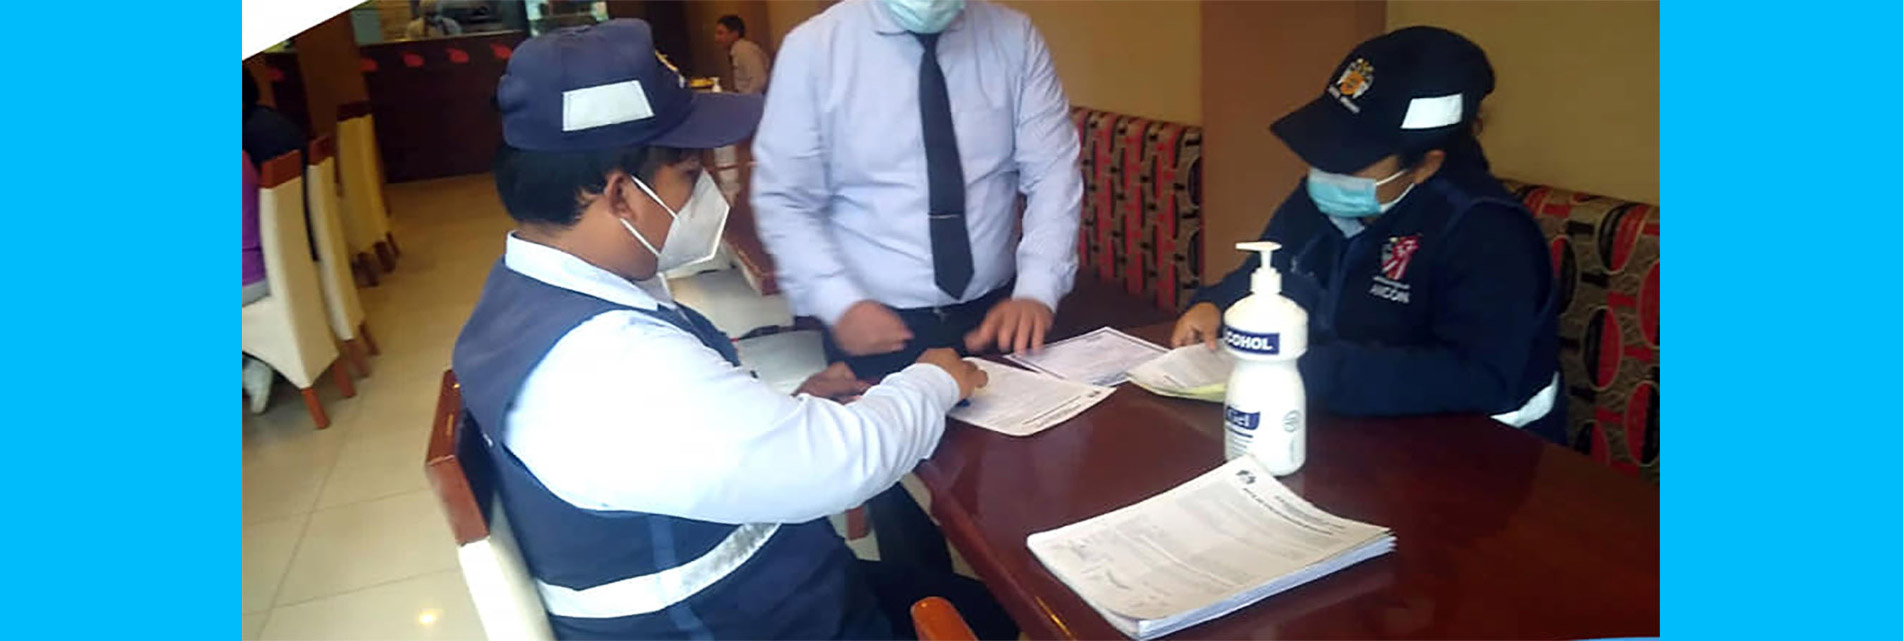 OPERATIVO DE CONTROL A LOCALES CON ATENCIÓN POR DELIVERY EN AV. J.C. MARIÁTEGUI